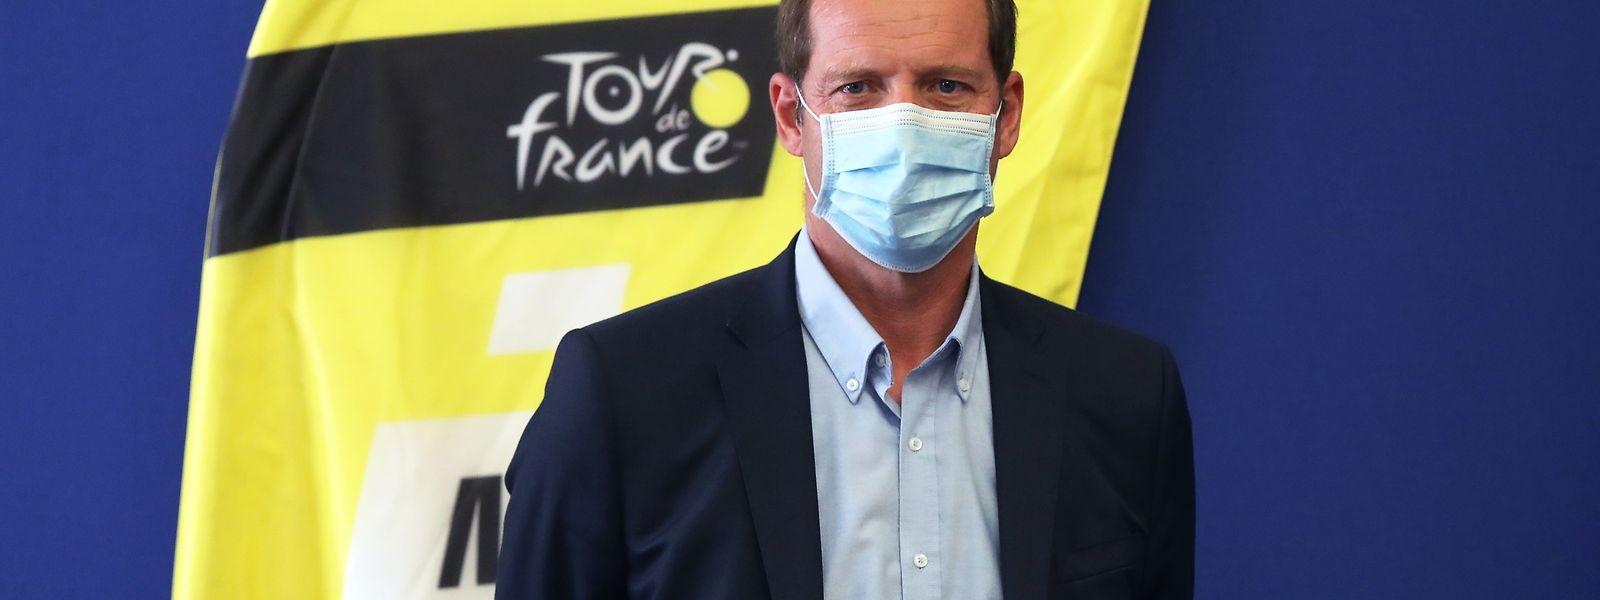 Christian Prudhomme muss sich von der Tour de France fernhalten.